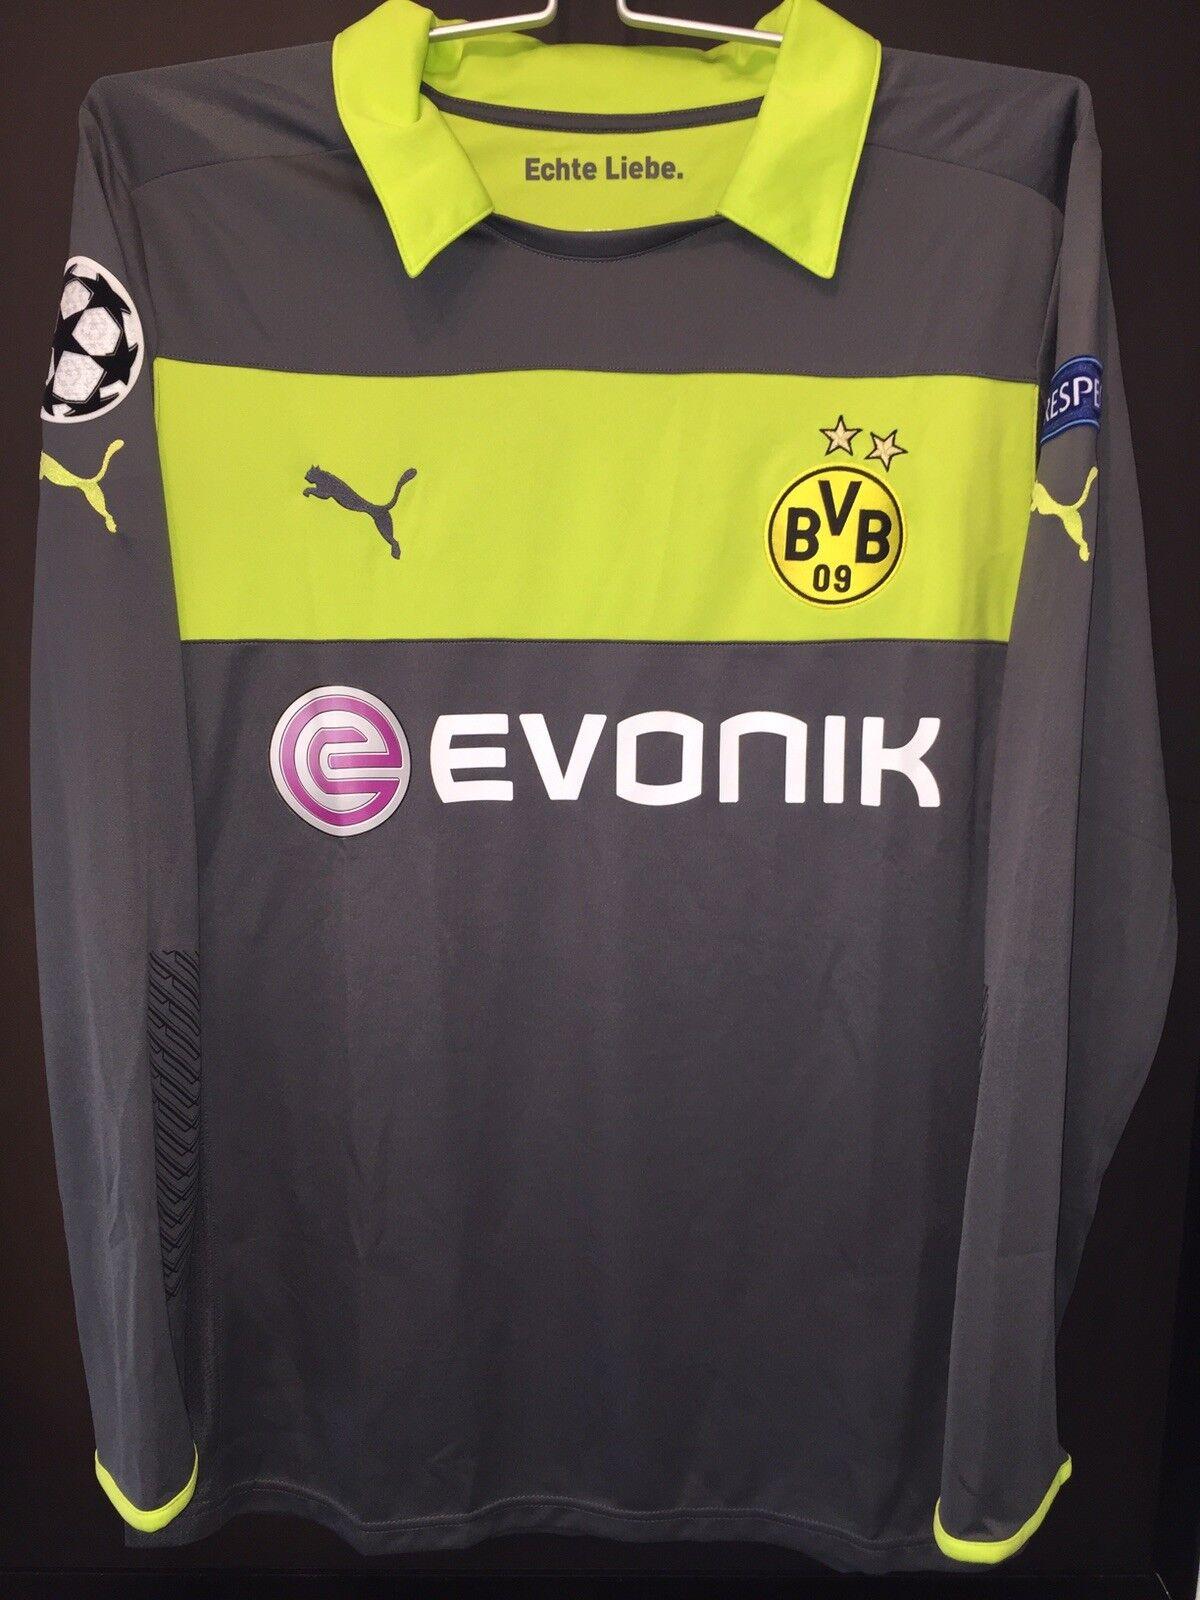 BVB Borussia Dortmund Trikot Weidenfeller 12/13 Champions  League Spielertrikot